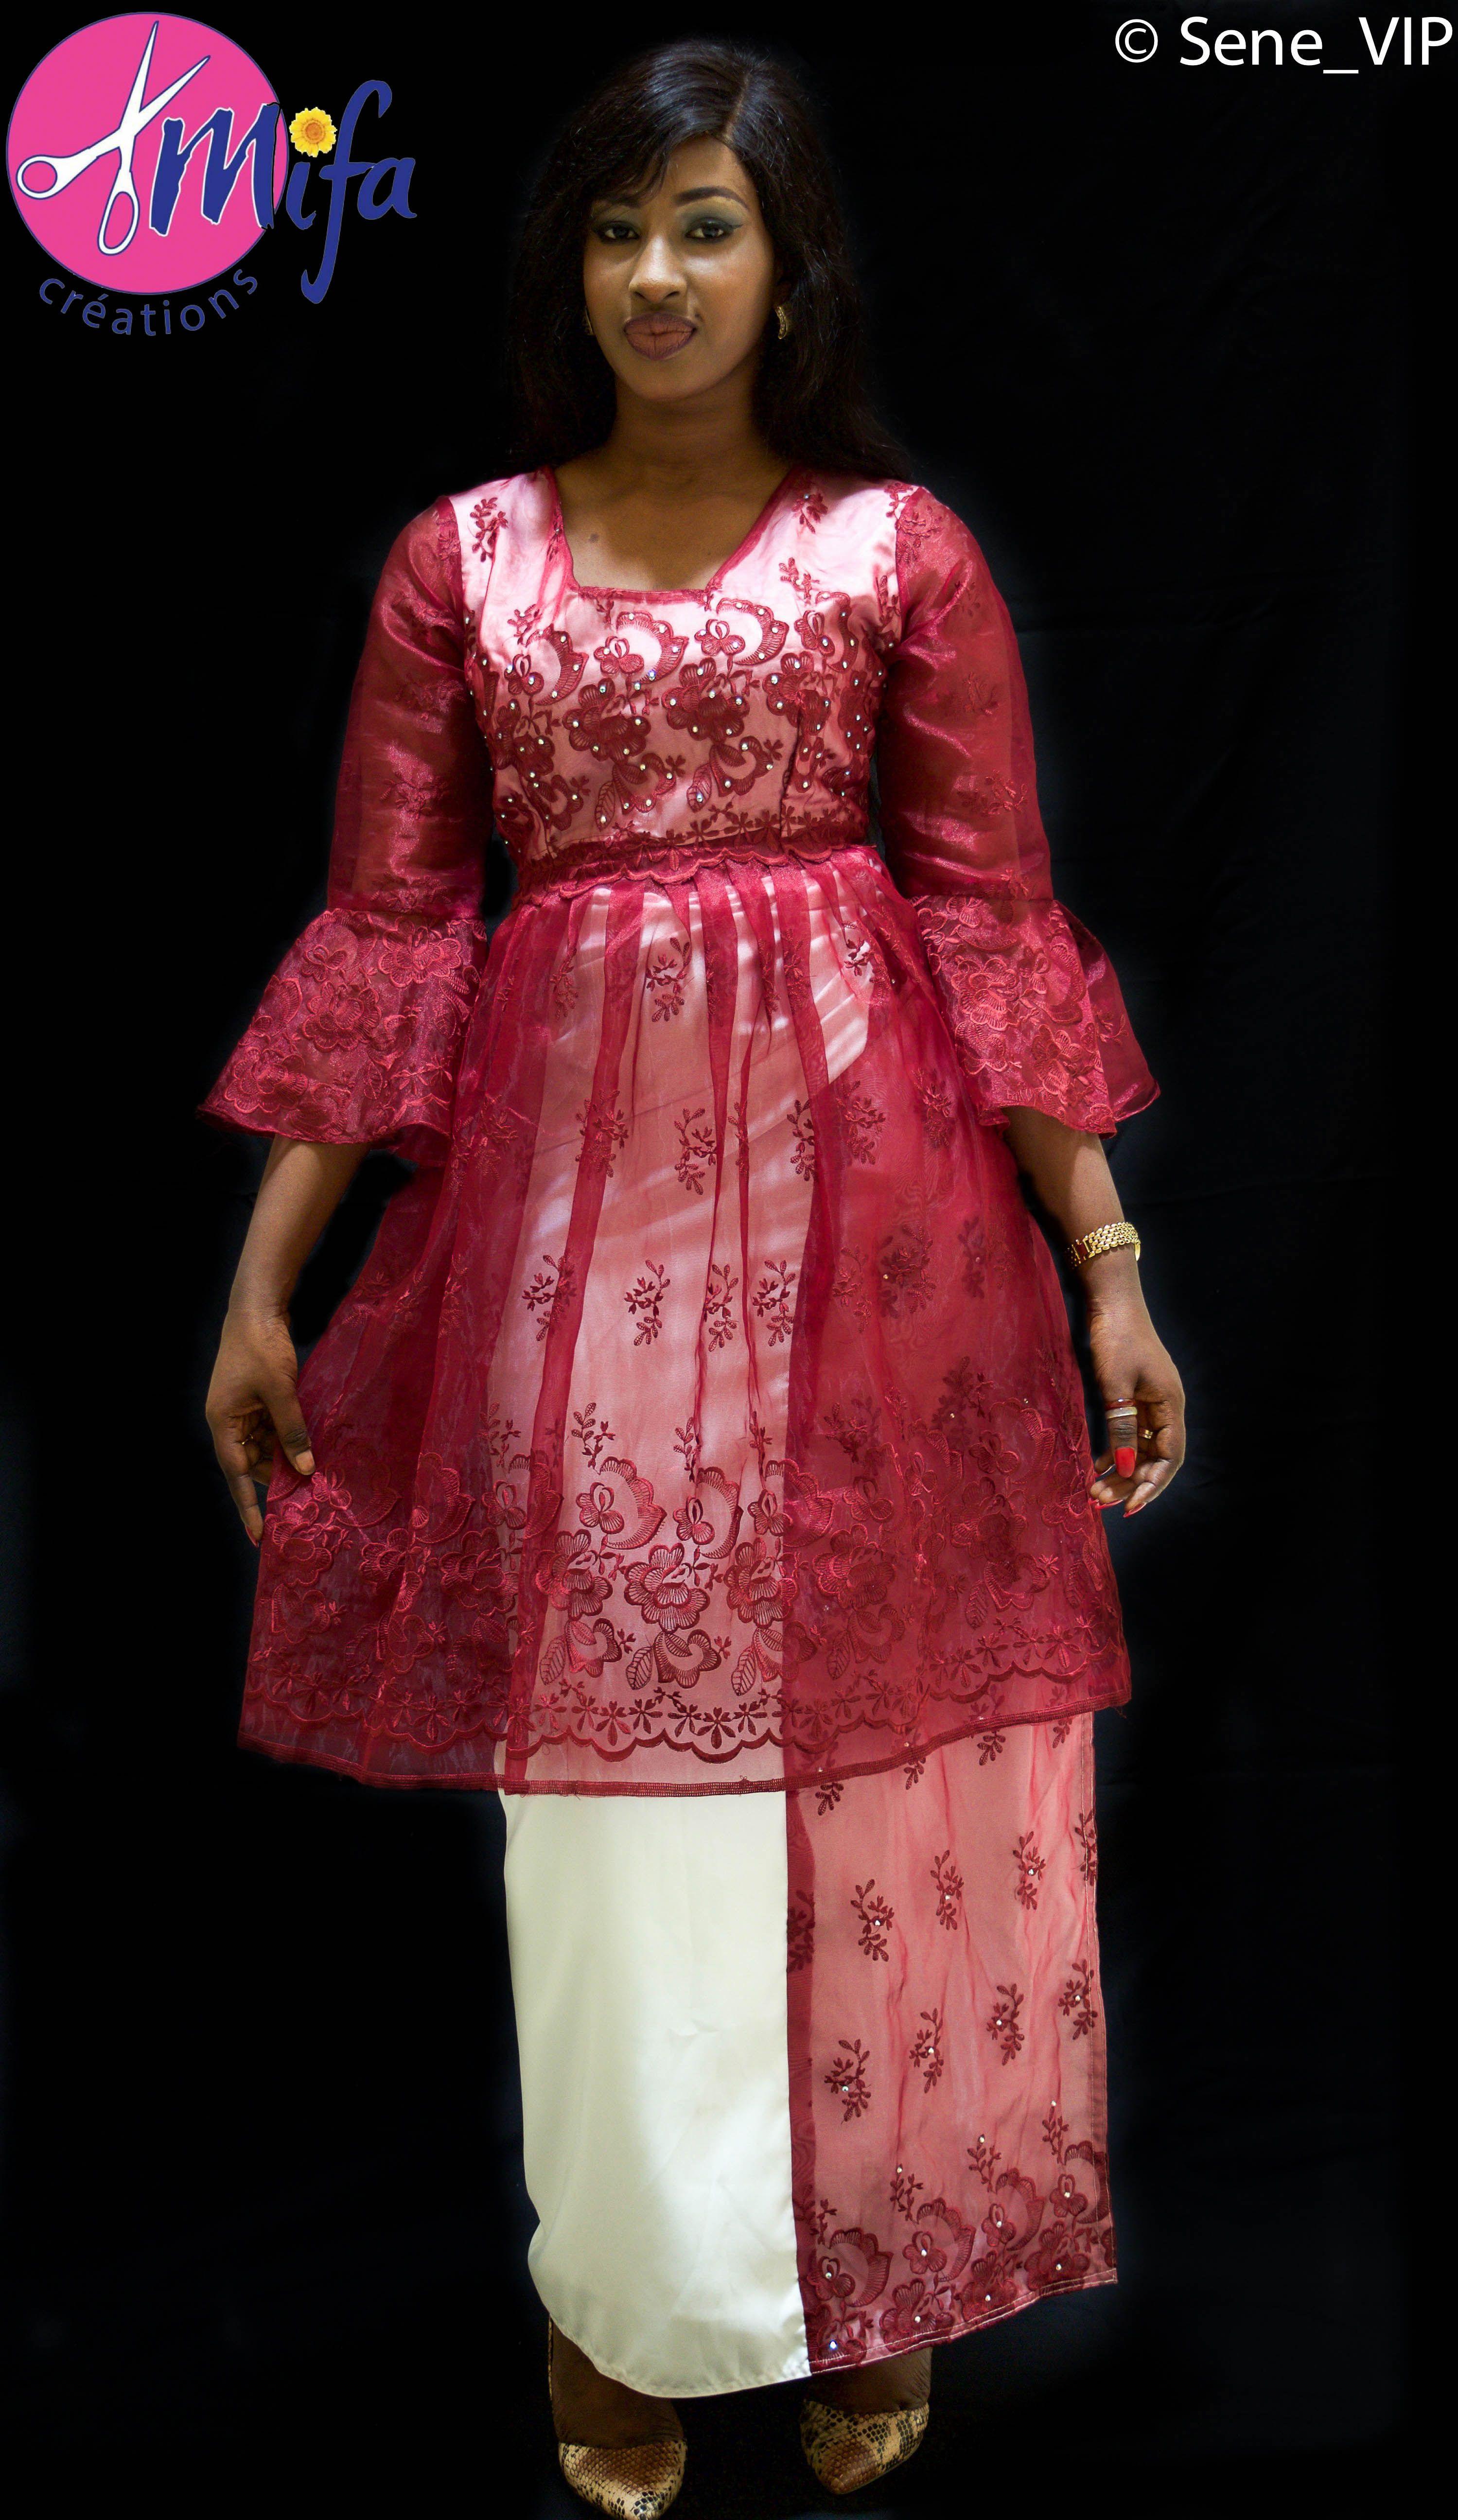 model pagne femme africaine. Black Bedroom Furniture Sets. Home Design Ideas